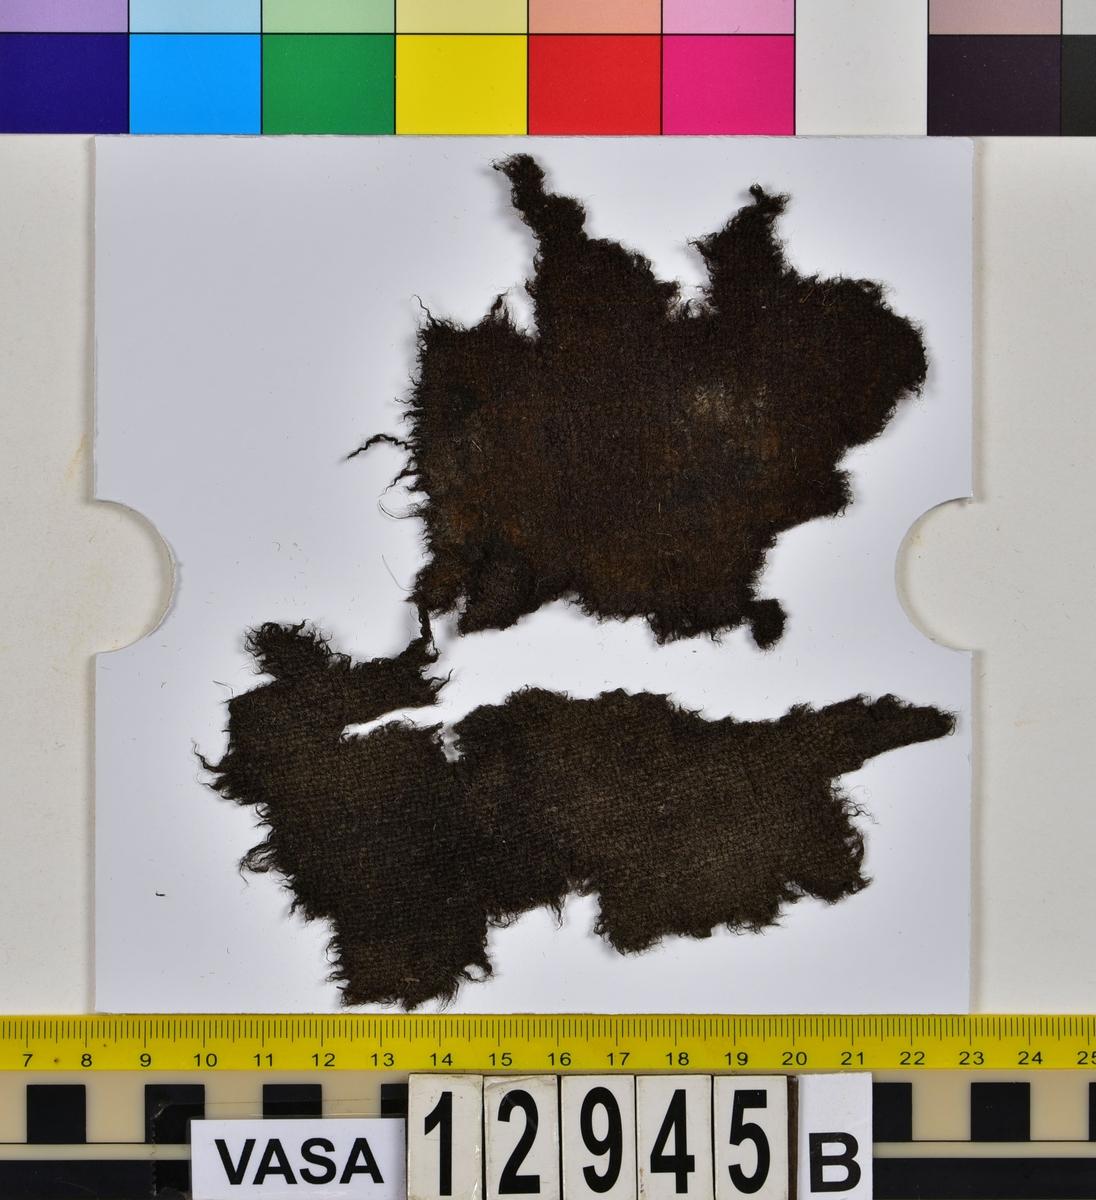 Textilfragment. 15 textilfragment uppdelade på fyndnummer 12945a-g. Fnr 12945a består av fyra fragment av ull vävda i tuskaft. Två av fragmenten har rester av söm eller fåll samt har varit valkade. Fnr 12945b består av två fragment av ull vävda i tuskaft.  Fnr 12945c består av ett fragment av ull vävt i tuskaft. Fragmentet kan ha varit valkat på ena sidan. Fnr 12945d består av ett fragment av ull vävt i tuskaft. Fragmentet har en söm med rester av stygn kvar i ena kanten. Fnr 12945e består av tre fragment av ull vävda i tuskaft. Fragmentet har en tydlig originalkant bevarad. Fnr 12945f består av ett filtat fragment. Kan möjligen ha varit en del av ett hattbrätte. Fnr 12945g består av tre filtade fragment, troligen av ull.